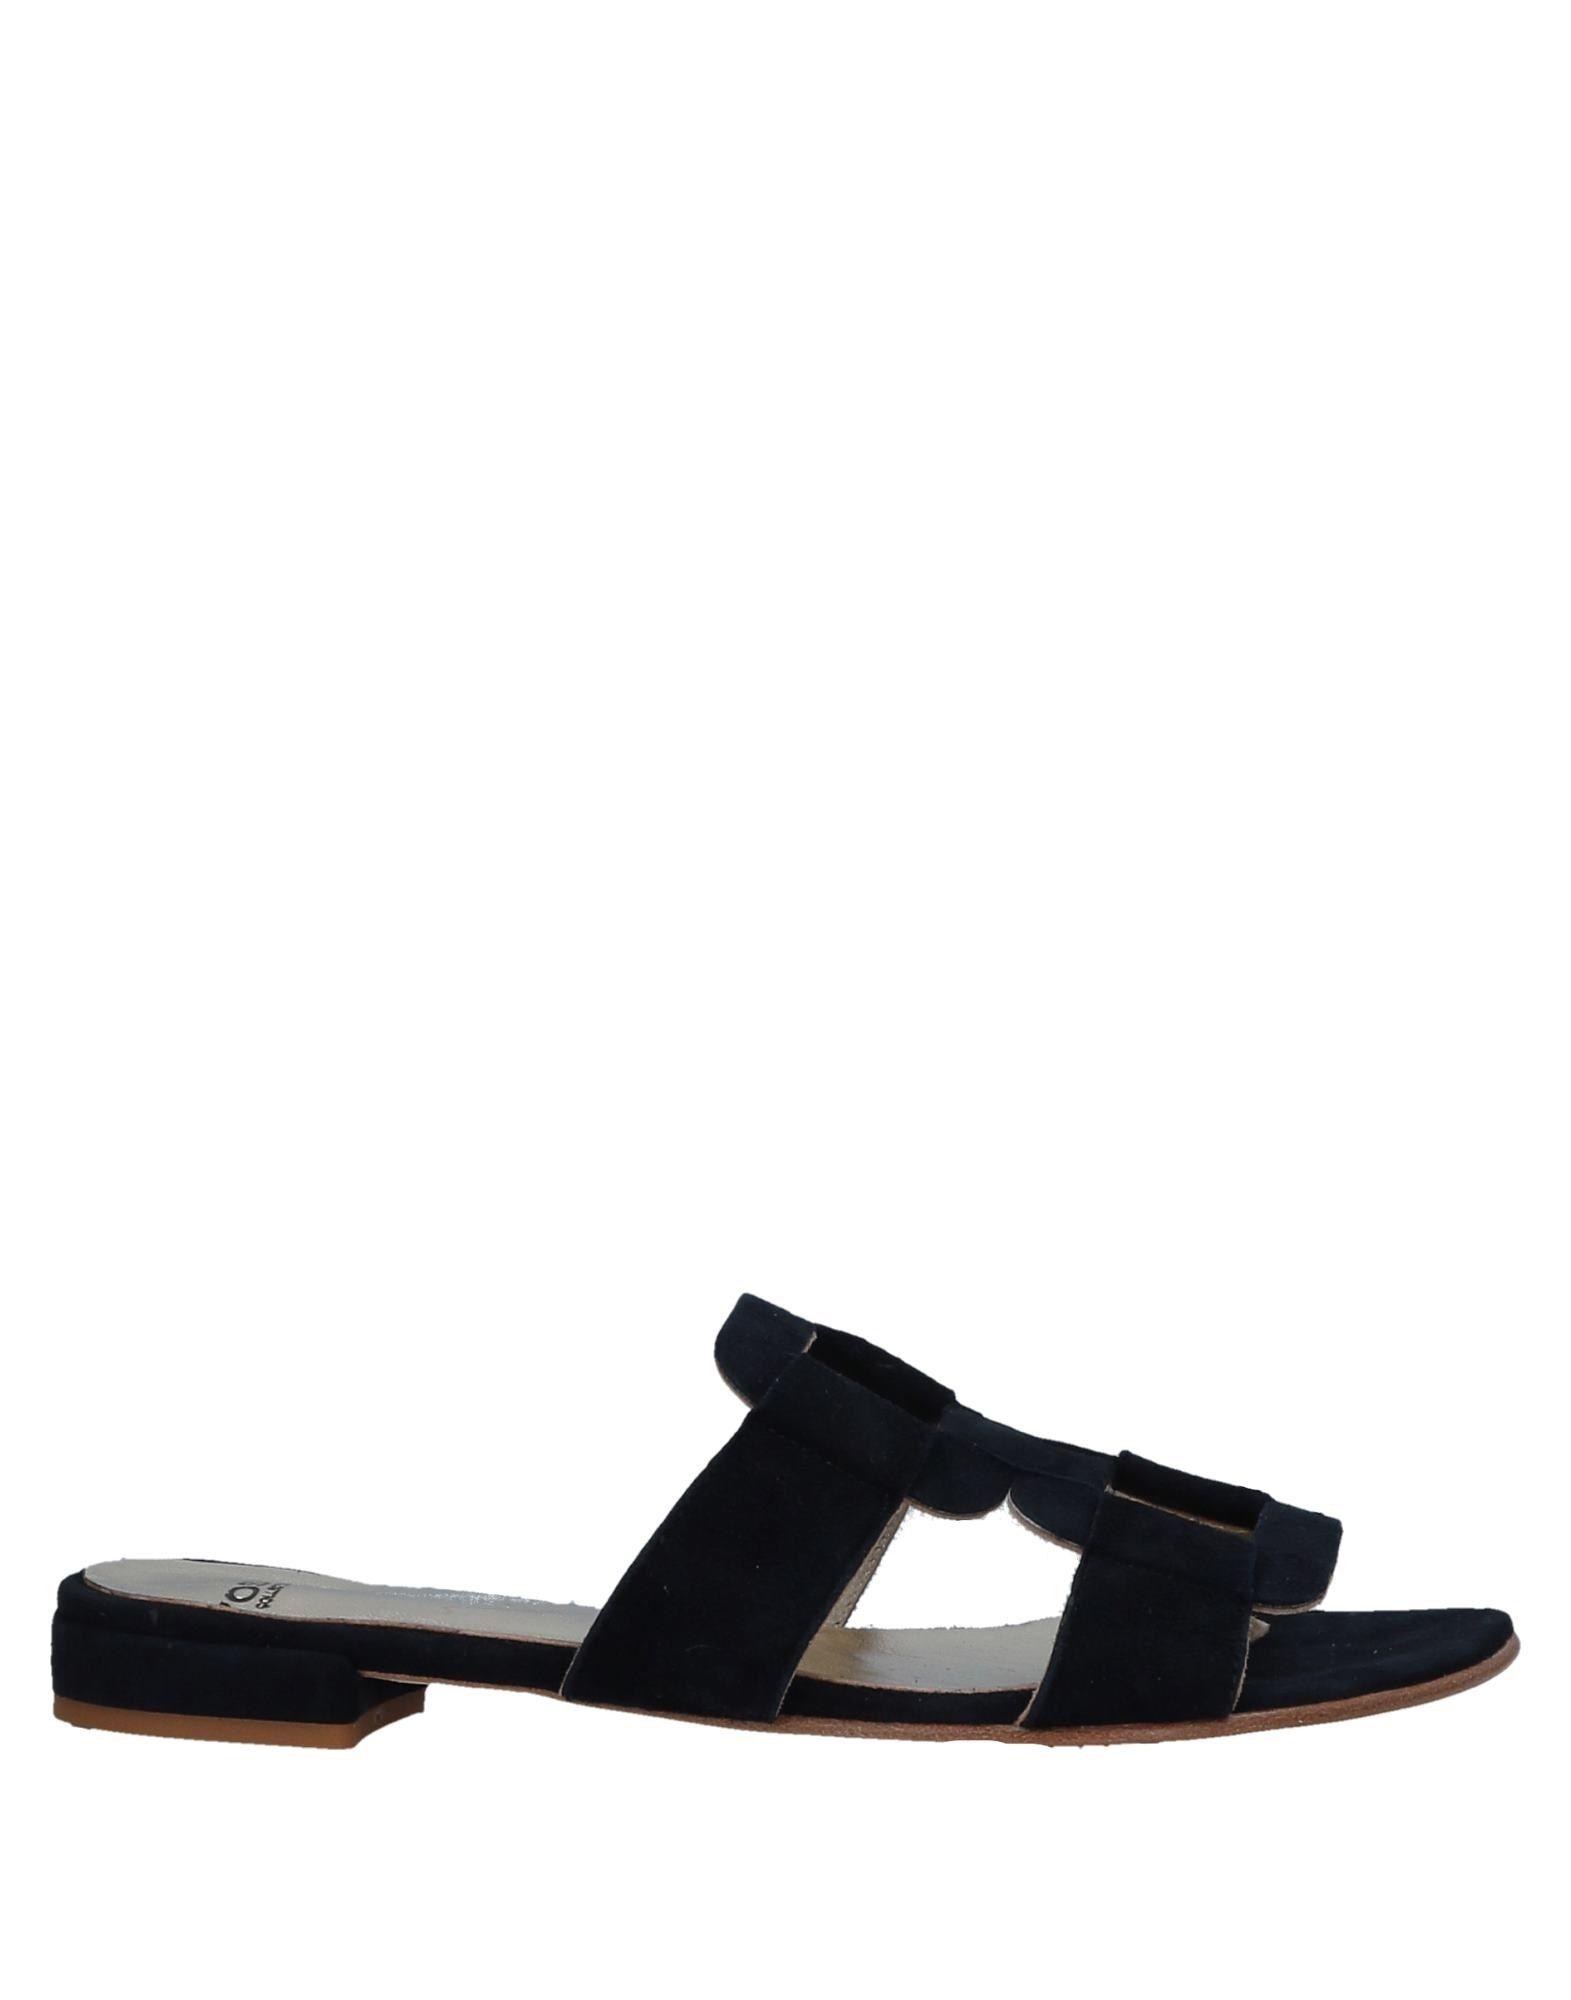 Yosh Collection Pantoletten Damen  11528572MM Gute Qualität beliebte Schuhe